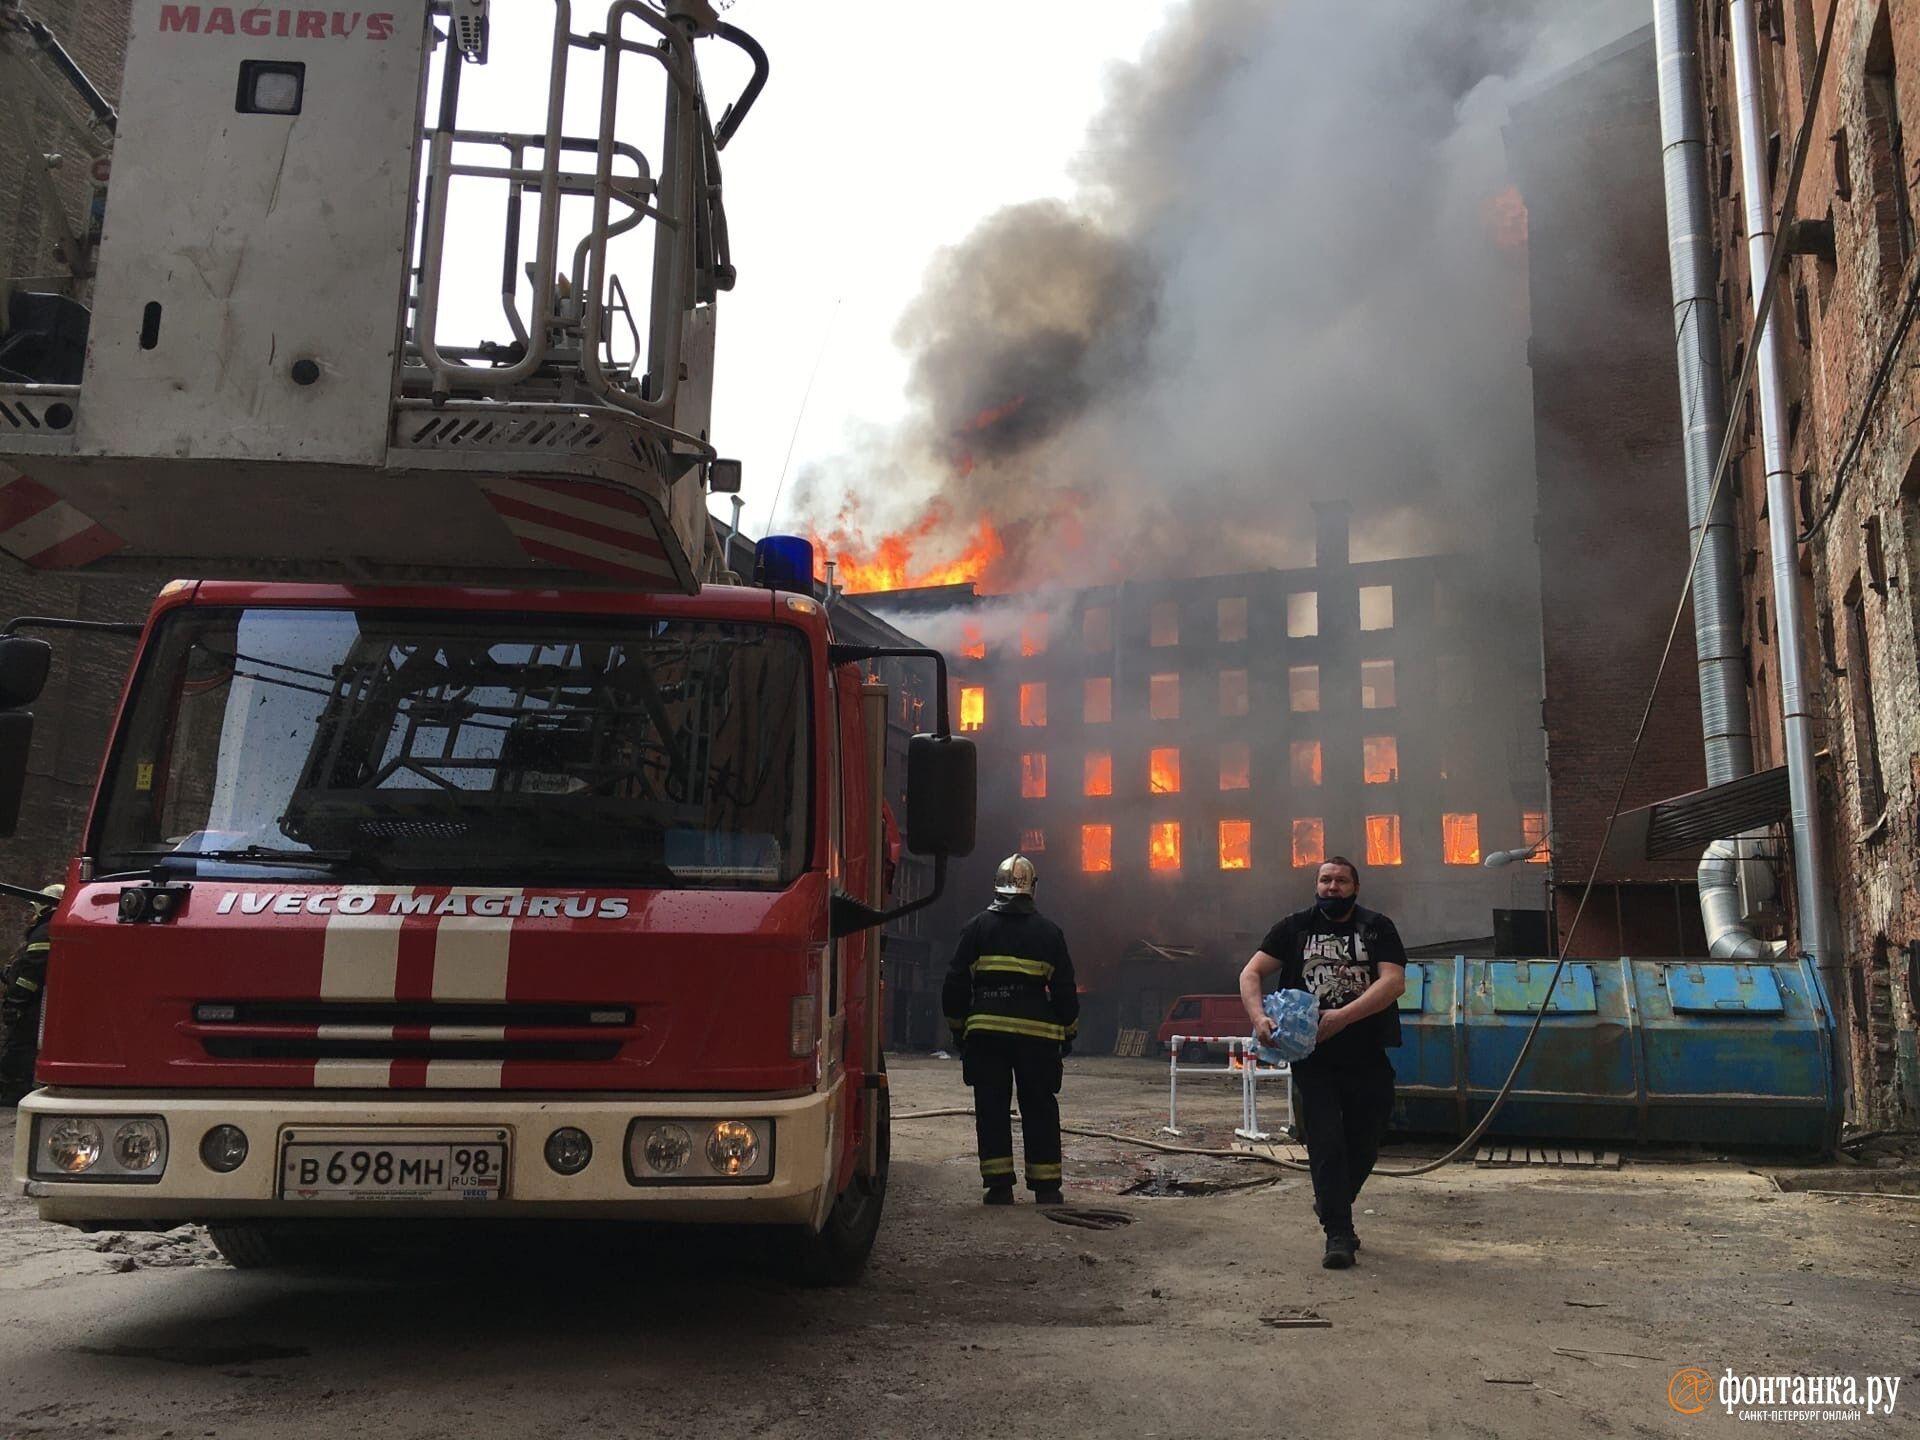 Масштабный пожар в Санкт-Петербурге.